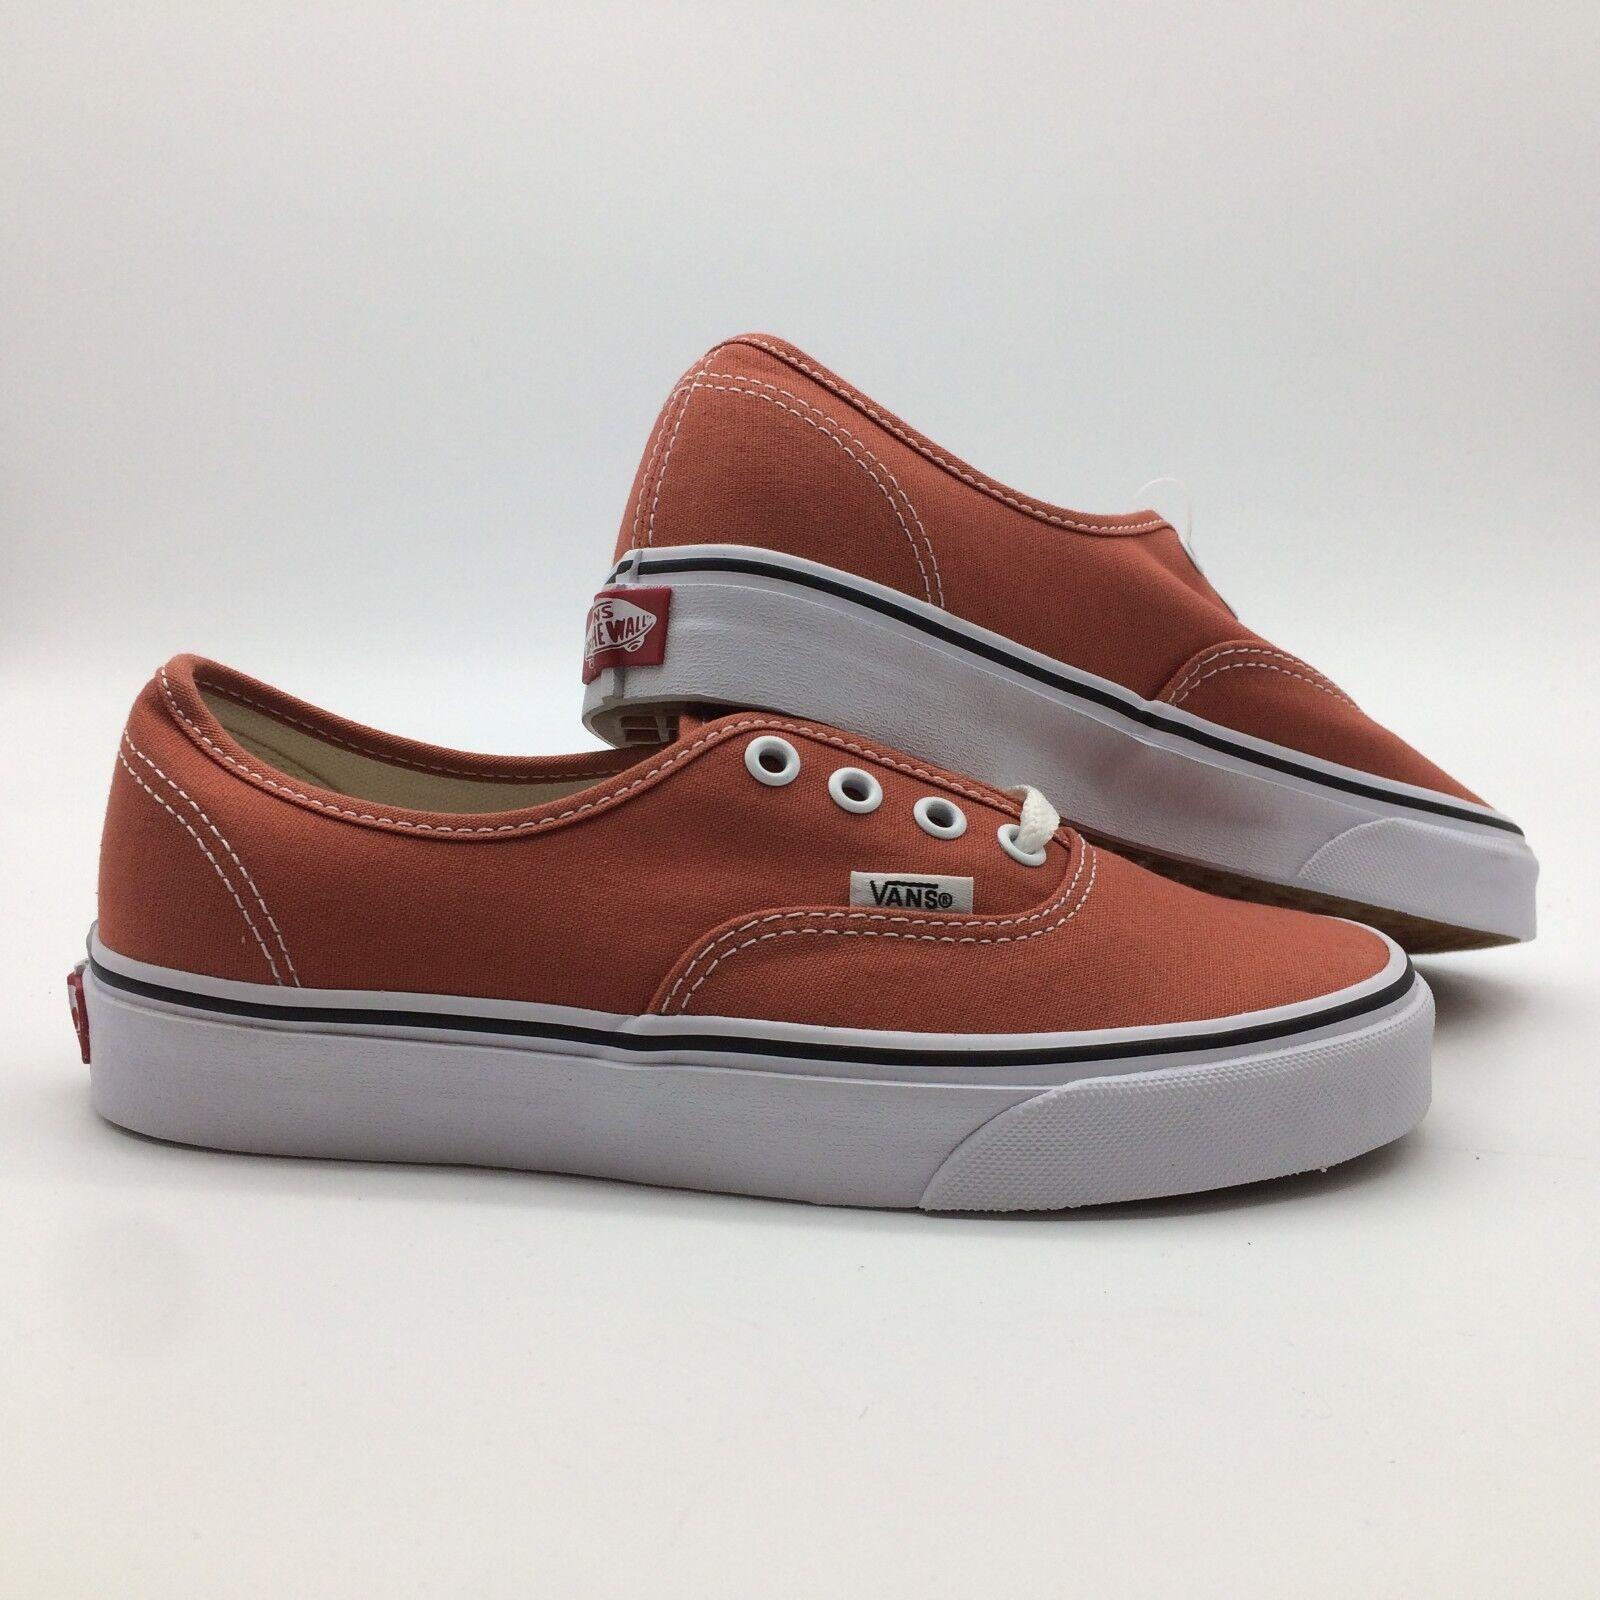 Vans Men's shoes's Authentic -- Autumn Glaze True White